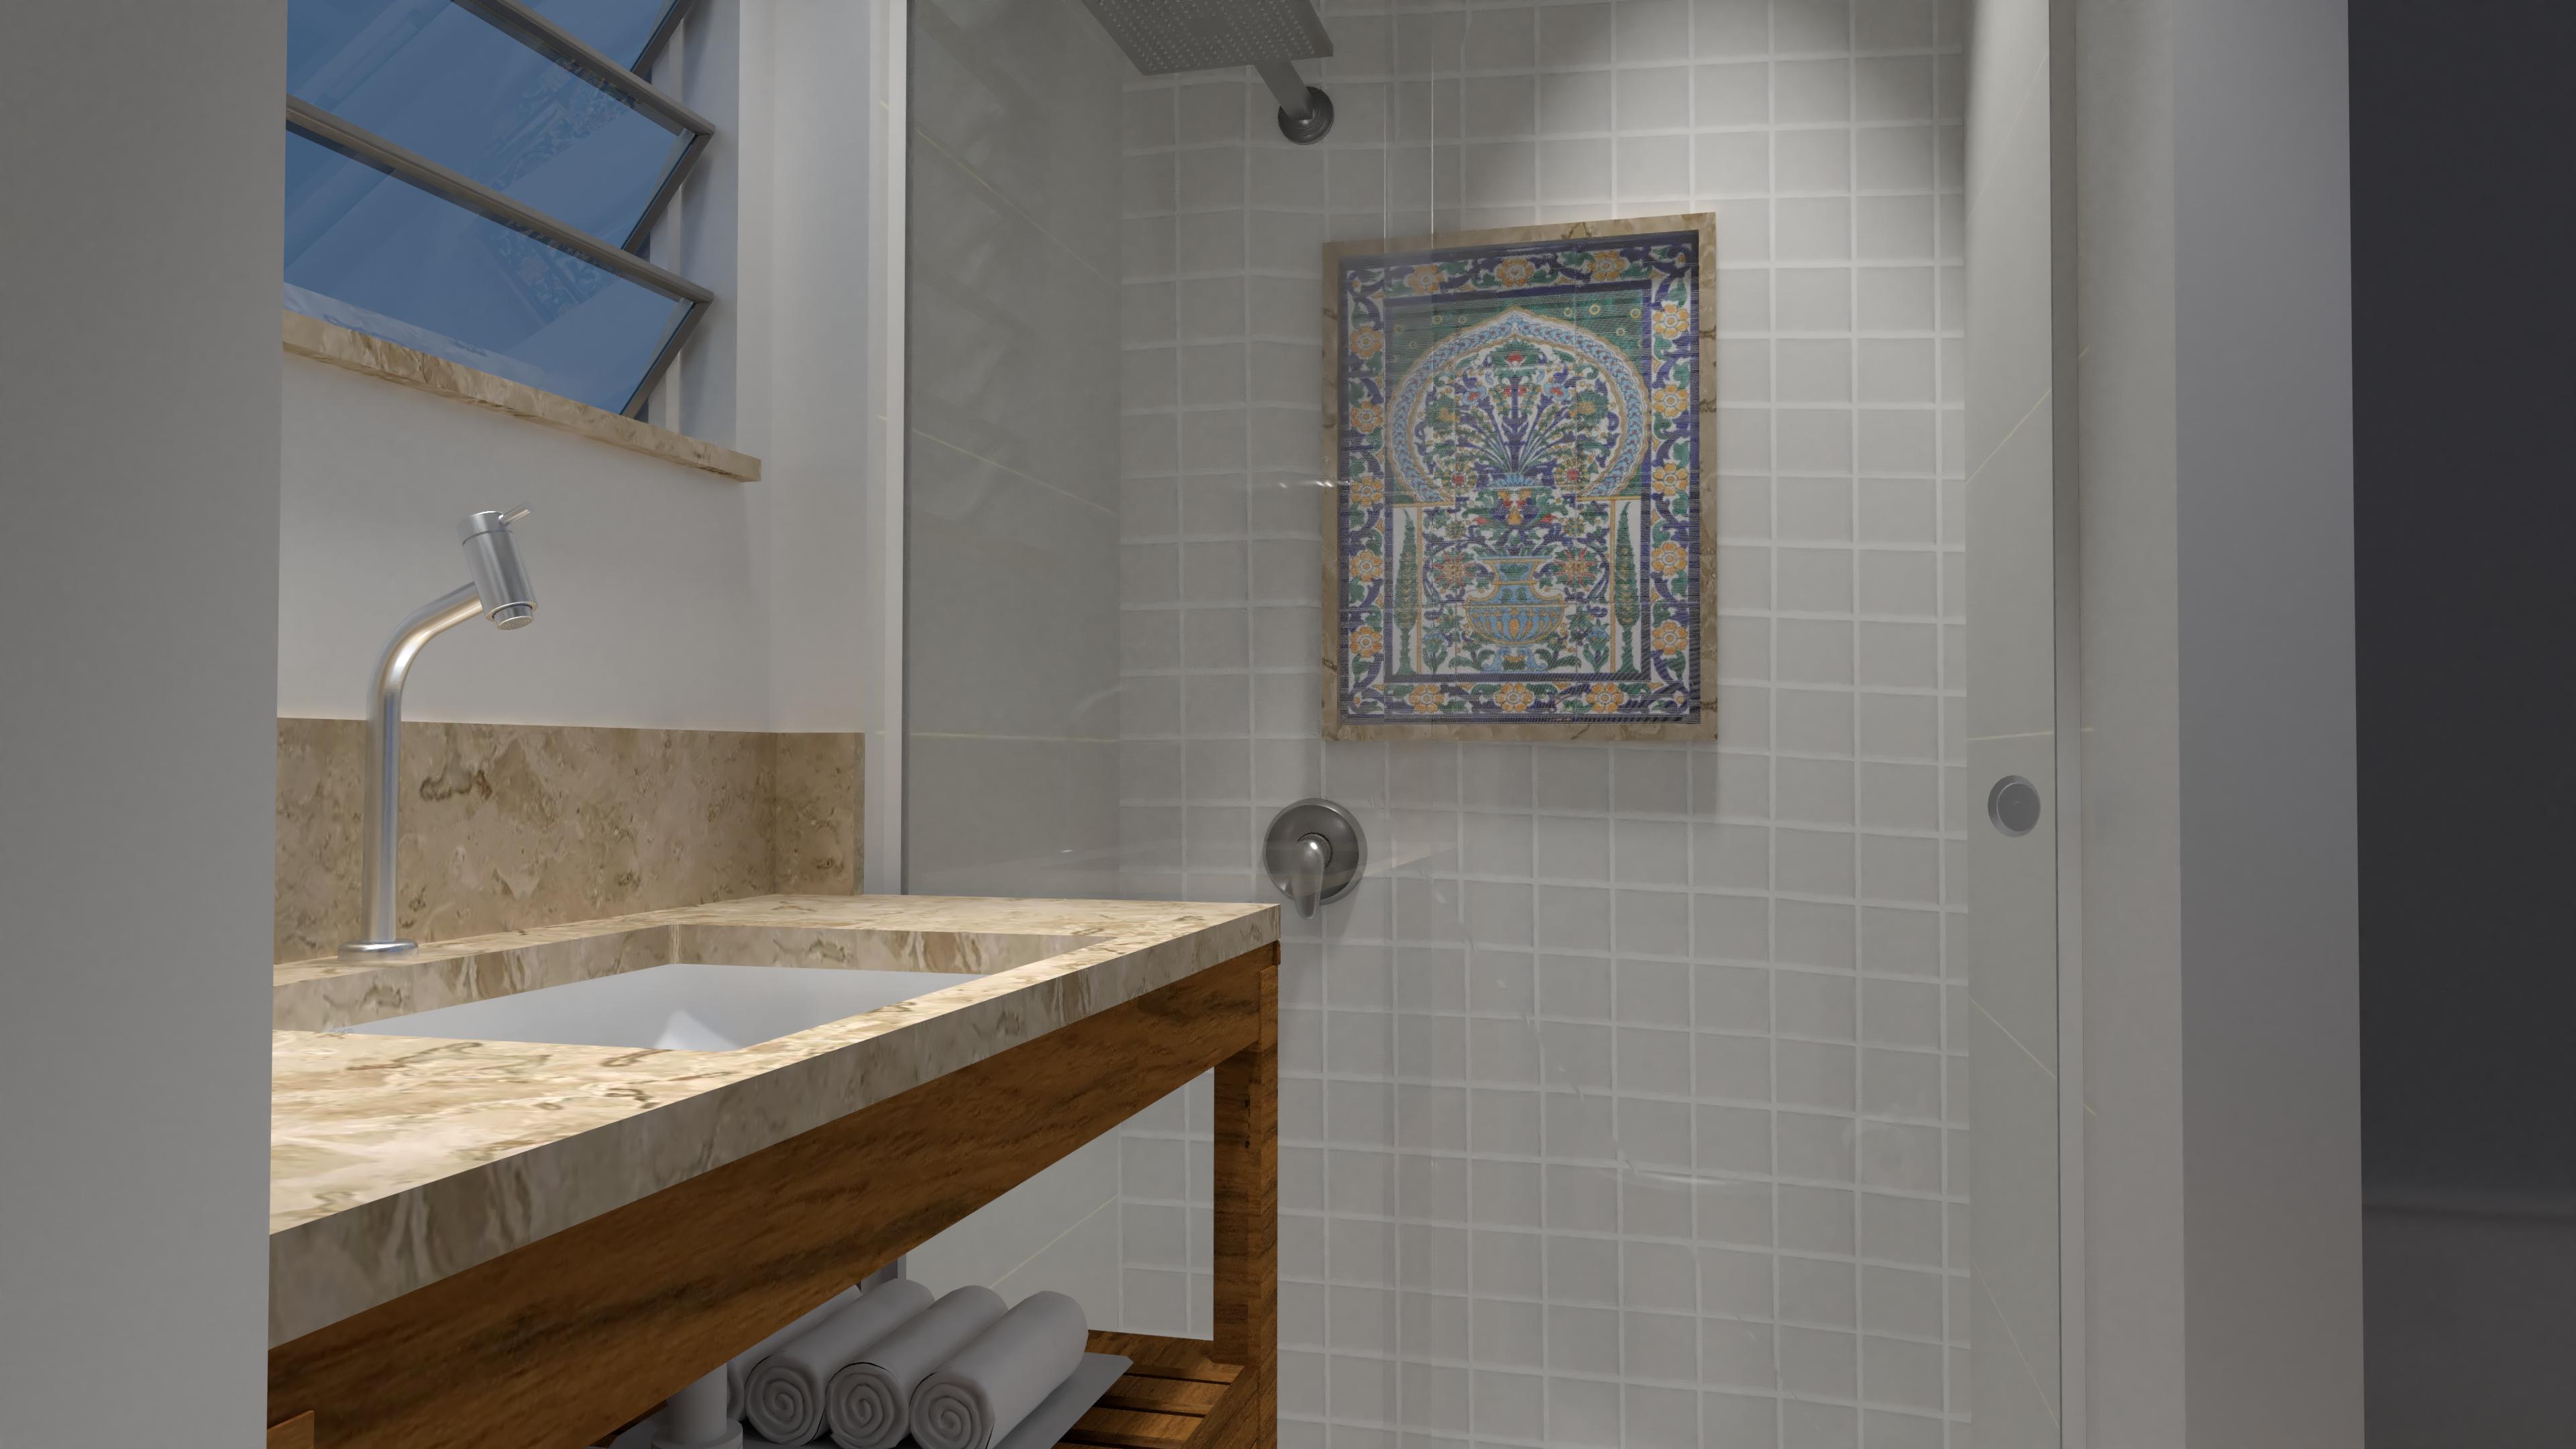 banheiro aprovado final com toalhas 4K